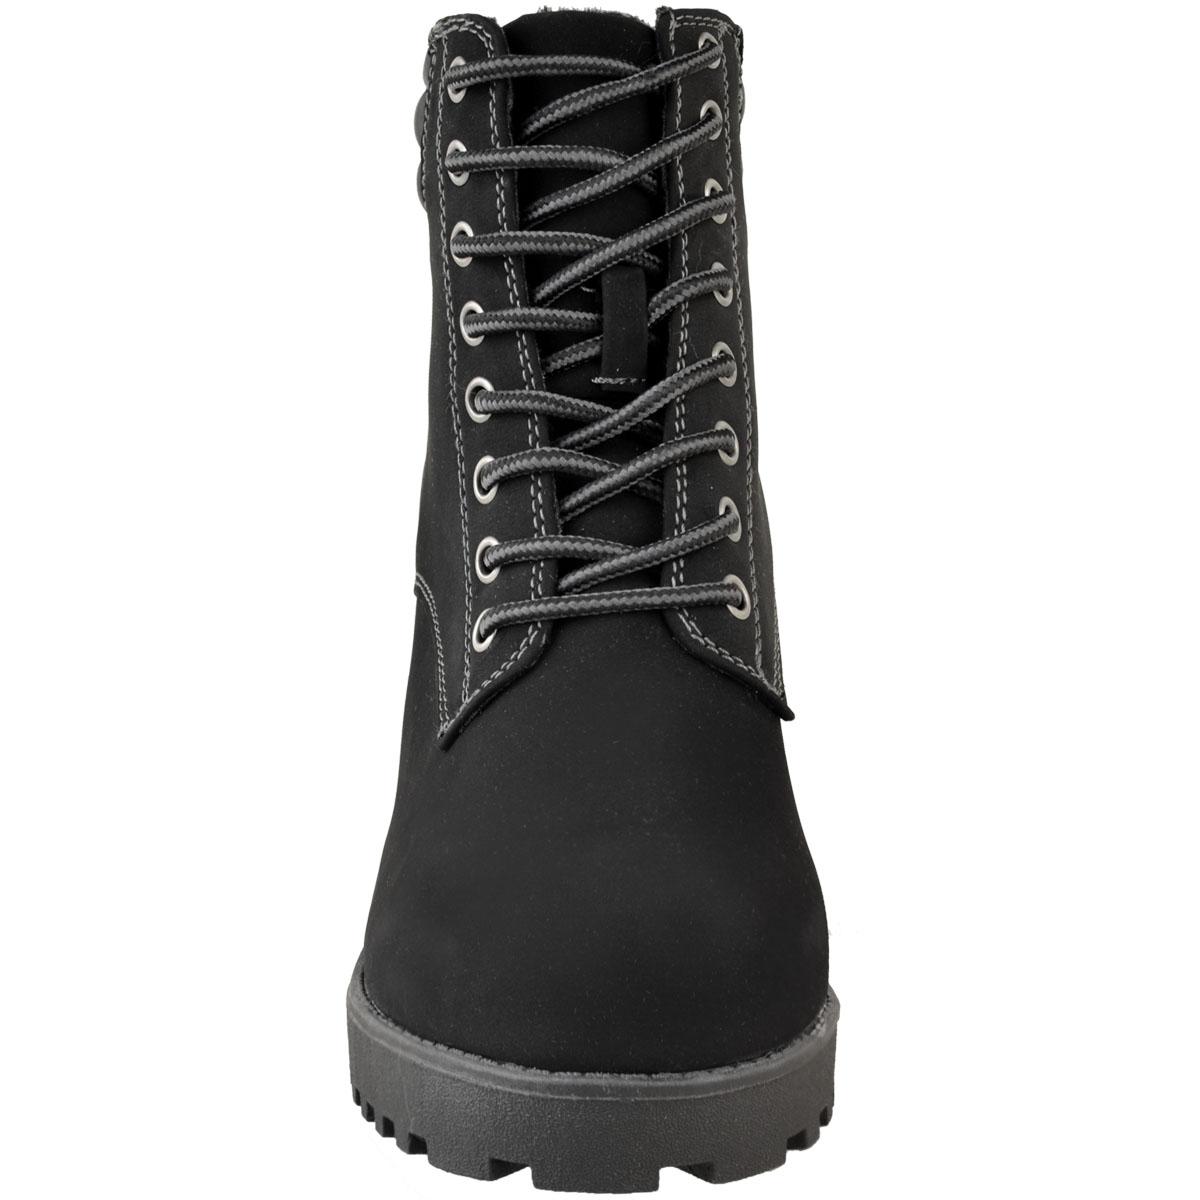 Womens-Ladies-Winter-Walking-Boots-Fleece-Warm-Lining-Cosy-Low-Block-Heel-Size Indexbild 16